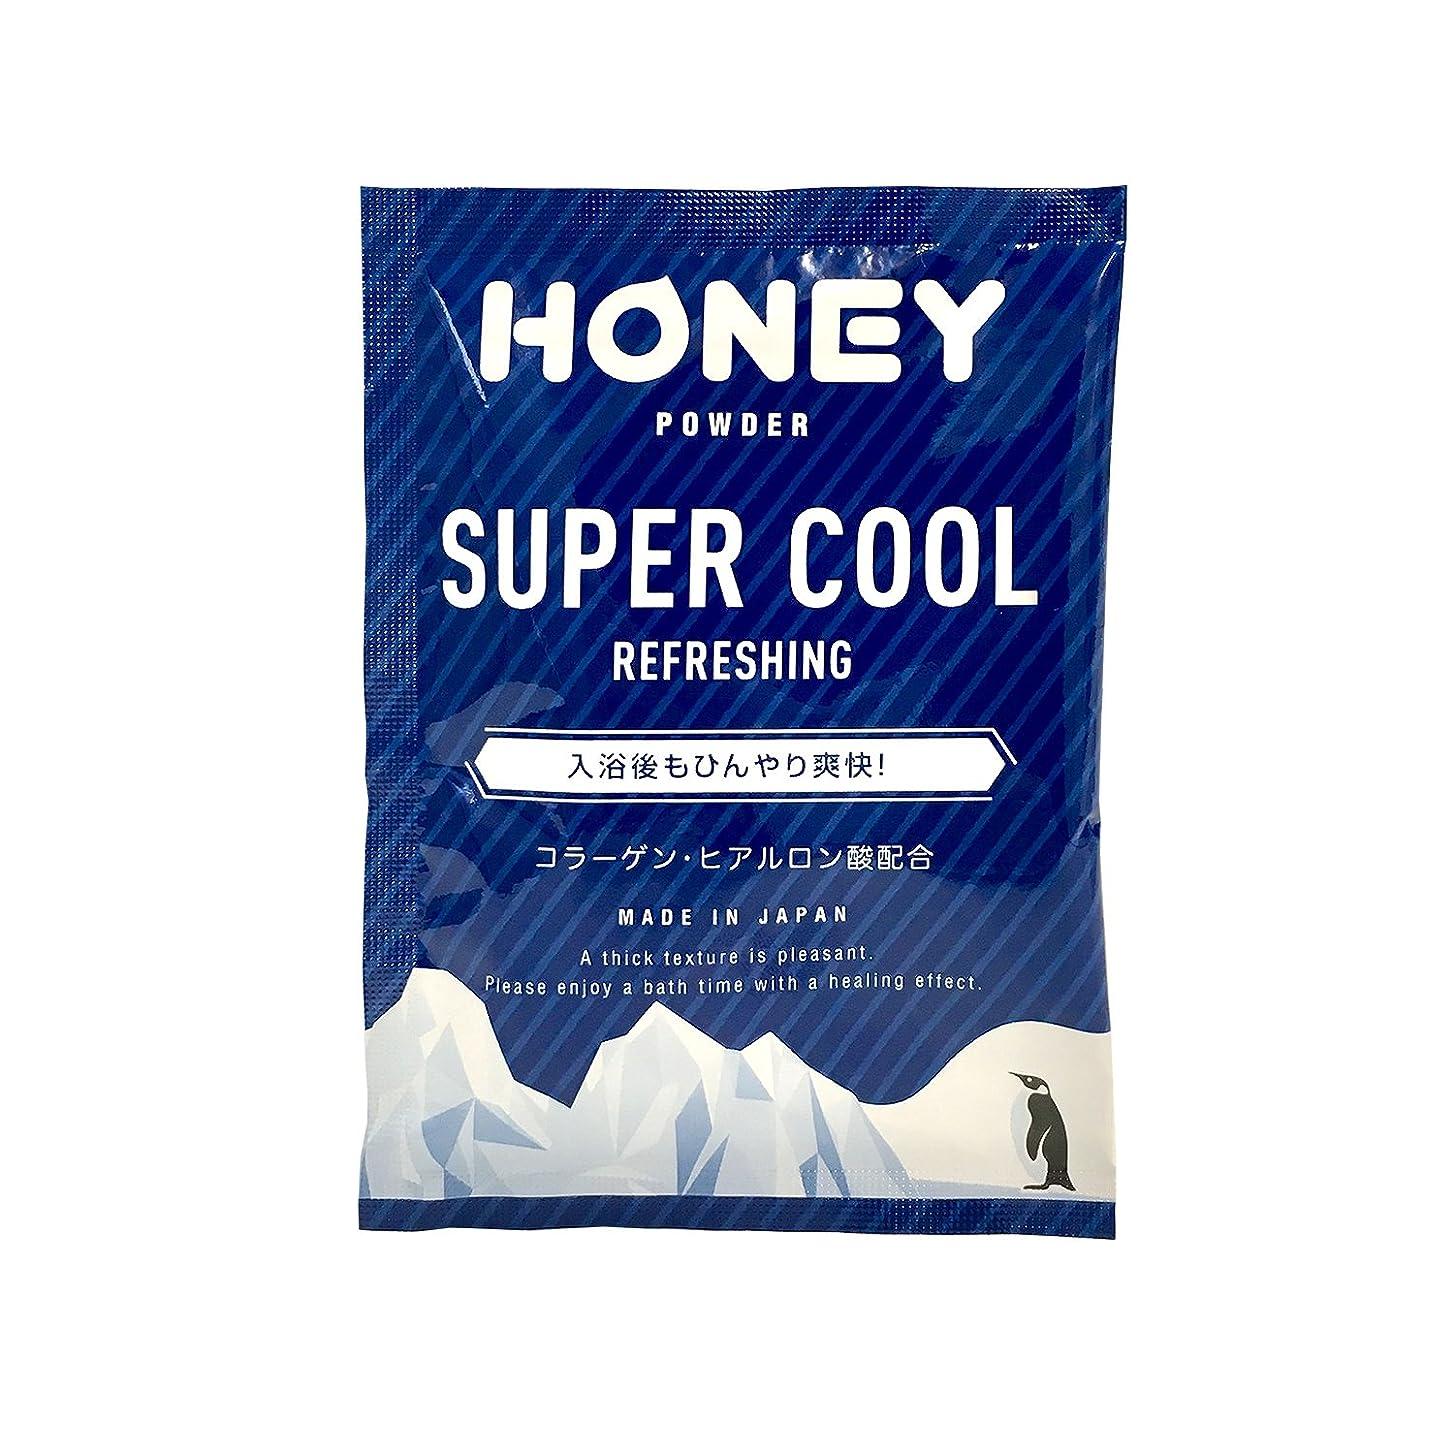 ジェム嵐が丘語とろとろ入浴剤【honey powder】(ハニーパウダー) 2個セット スーパークール 粉末タイプ ローション